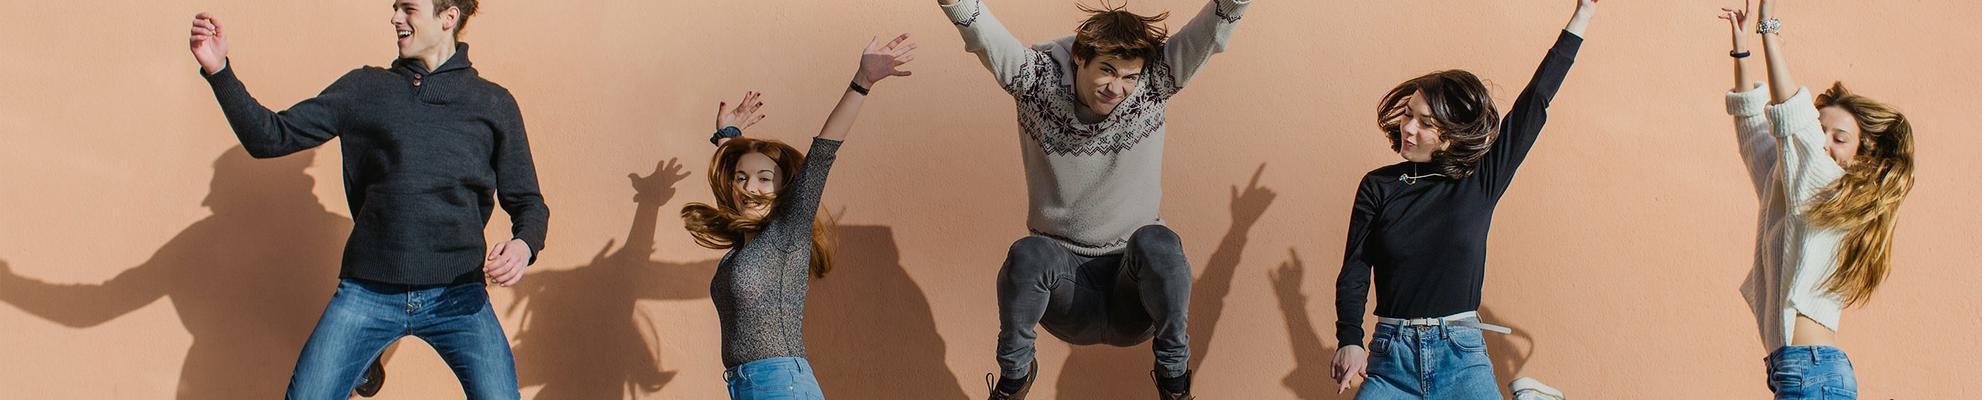 Um grupo de amigos pulando com os braços pra cima e sorrindo